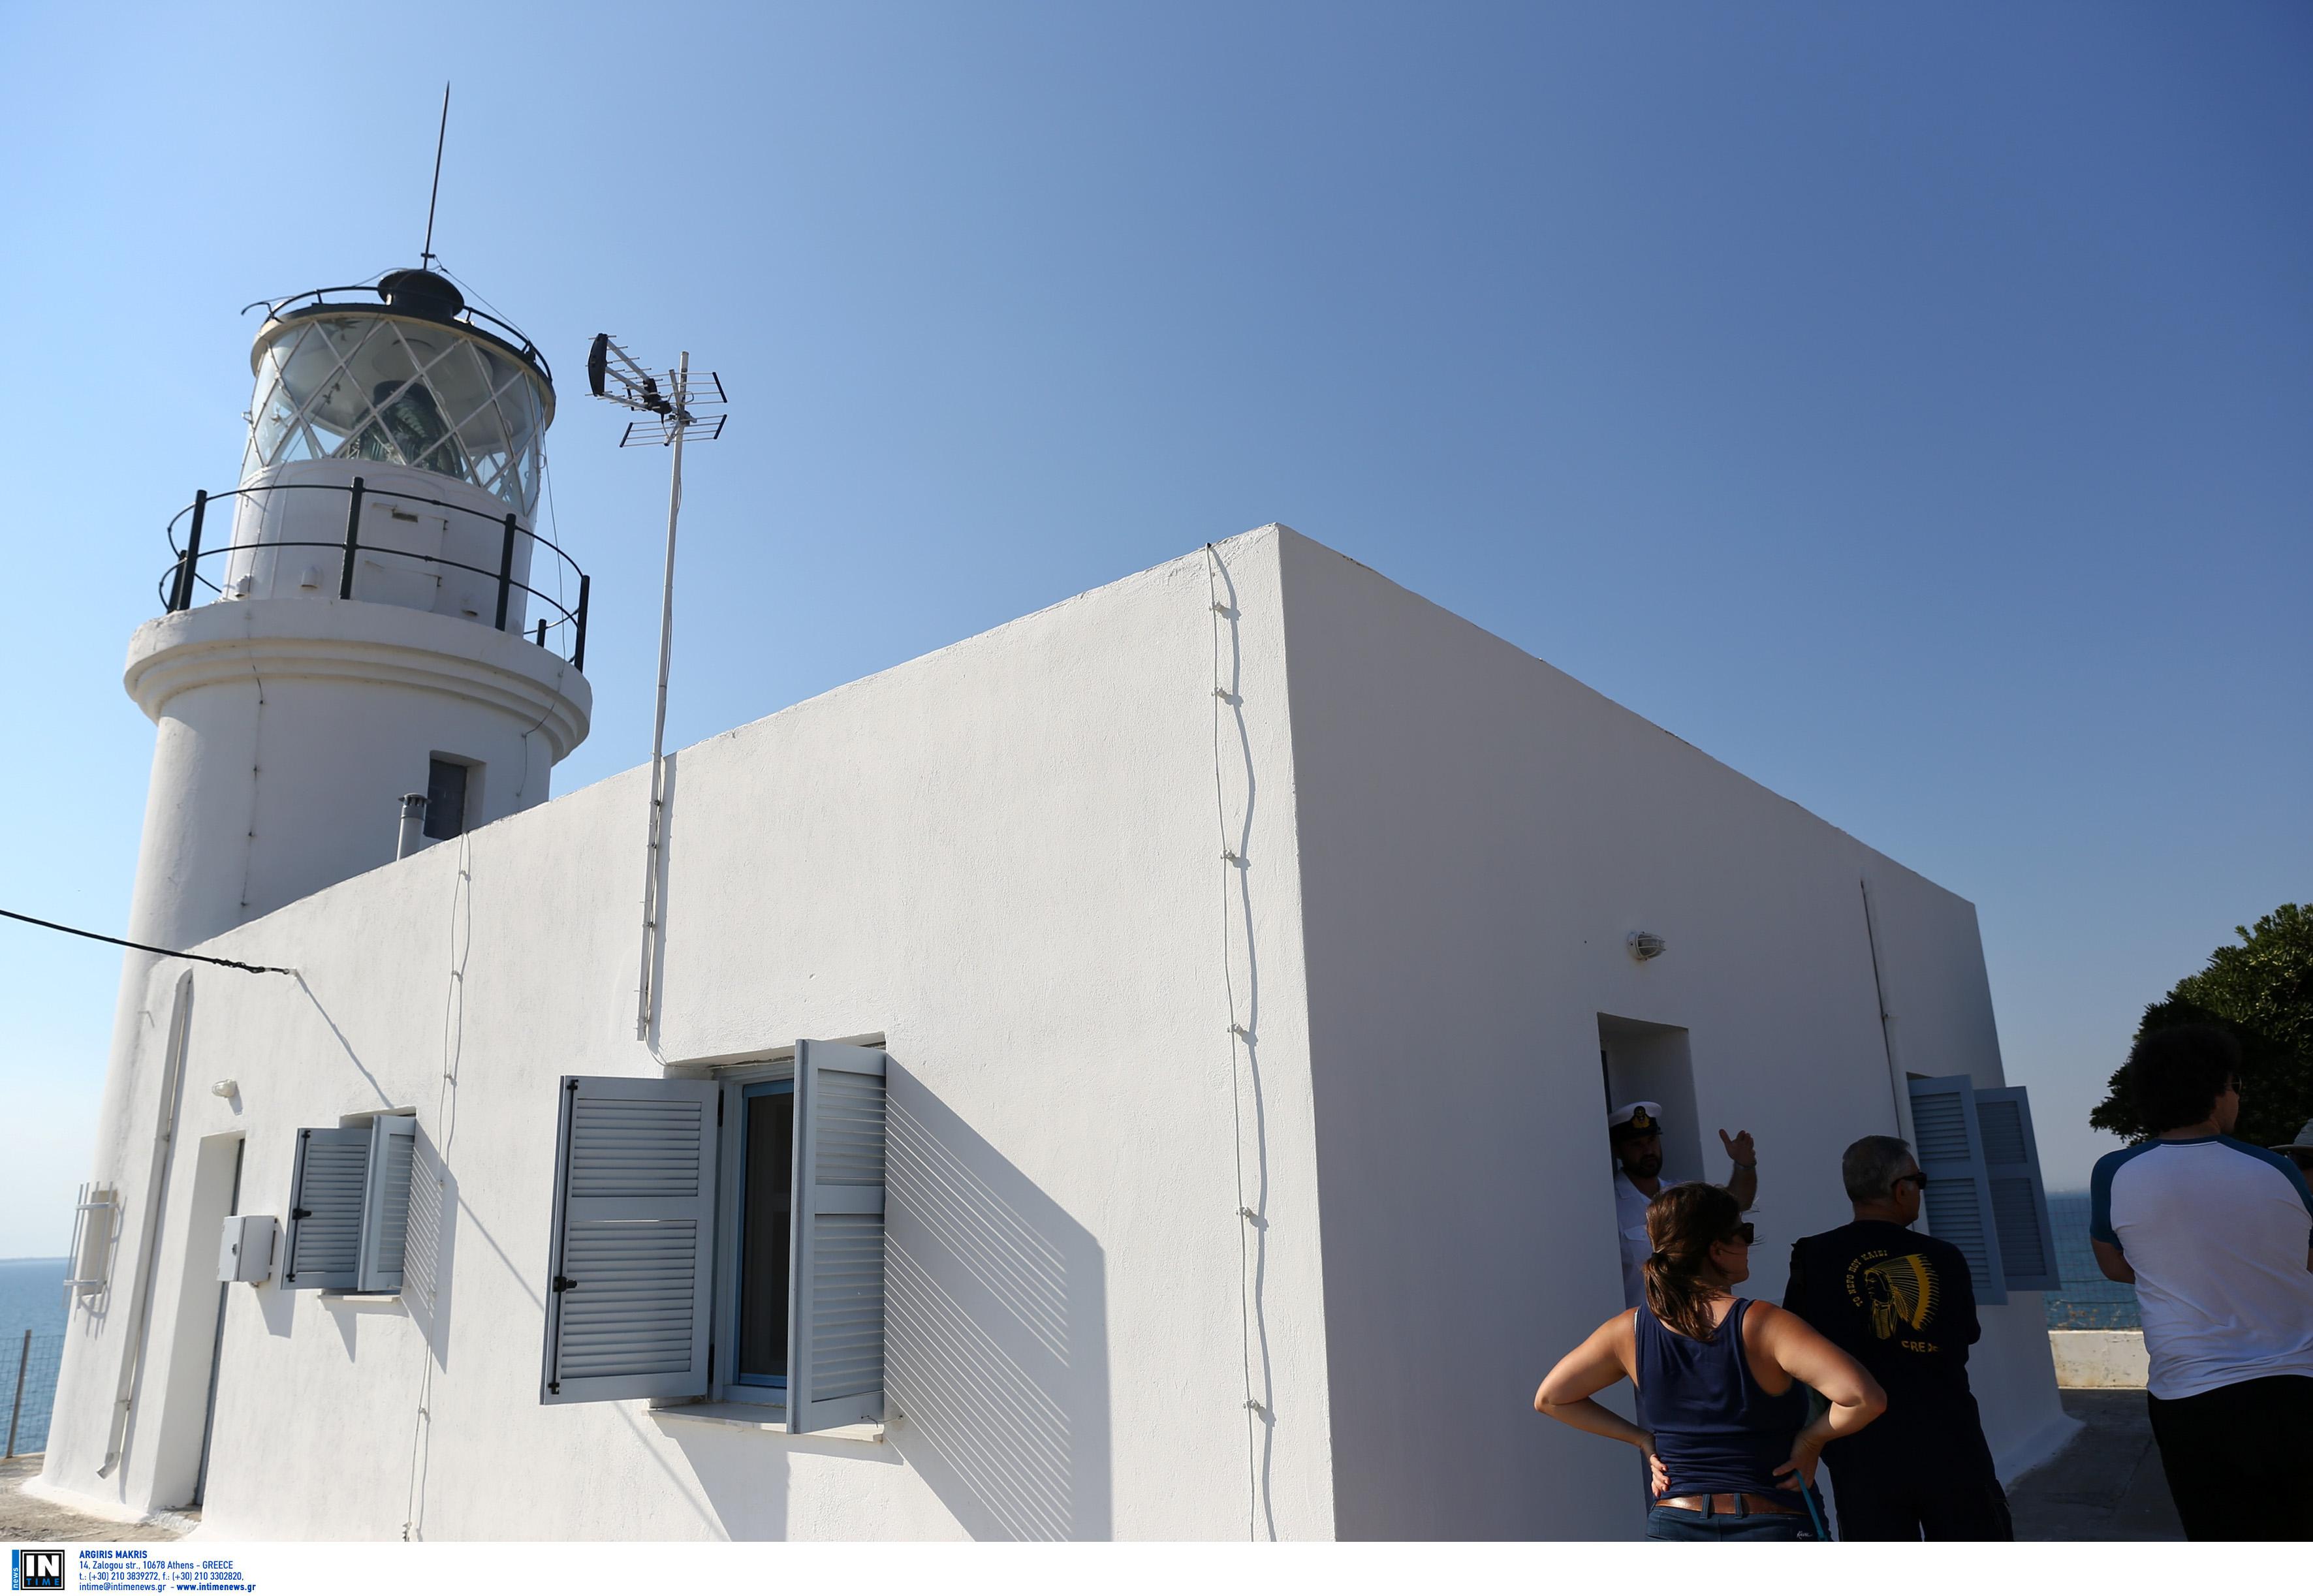 Ο φάρος στο Μεγάλο Έμβολο του Θερμαικού κόλπου κατασκευάστηκε το 1864 από την Γαλλική Εταιρεία Φάρων. Το ύψος του πύργου του ειναι 10,5 μέτρα και τό εστιακό του ύψος είναι 32 μέτρα. Βρίσκεται στην άκρη της Ναυτικής Βάσης του Πολεμικού Ναυτικού στο Αγγελοχώρι Θεσσαλονίκης και συνεργάζεται με τον Ραδιοφάρο που βρίσκεται στην απέναντι πλευρά του Θερμαικού στις εκβολές του Αξιού. Εντάχθηκε στο Ελληνικό φαρικό δίκτυο μετά τους Βαλκανικούς Πολέμους του 1912-13. Ο φάρος κατασκευάστηκε από τη γαλλική Εταιρεία Οθωμανικών Φάρων. Ηταν φτιαγμένος από συμπαγείς οπτόπλινθους, όπως οι καμινάδες των πρώτων βιομηχανικών κτιρίων της Θεσσαλονίκης. Μπροστά του, στη βραχώδη ακτή, την περίοδο 1883-1885, Γερμανοί τεχνικοί έχτισαν οχυρά, έπειτα από παραγγελία των Οθωμανών. Τότε λειτουργούσε με καύσιμο το πετρέλαιο. Μετά τον Α' Παγκόσμιο Πόλεμο εντάχθηκε στο ελληνικό φαρικό δίκτυο. φωτογραφία: intimenews ΤΟΣΙΔΗΣ ΔΗΜΗΤΡΗΣ